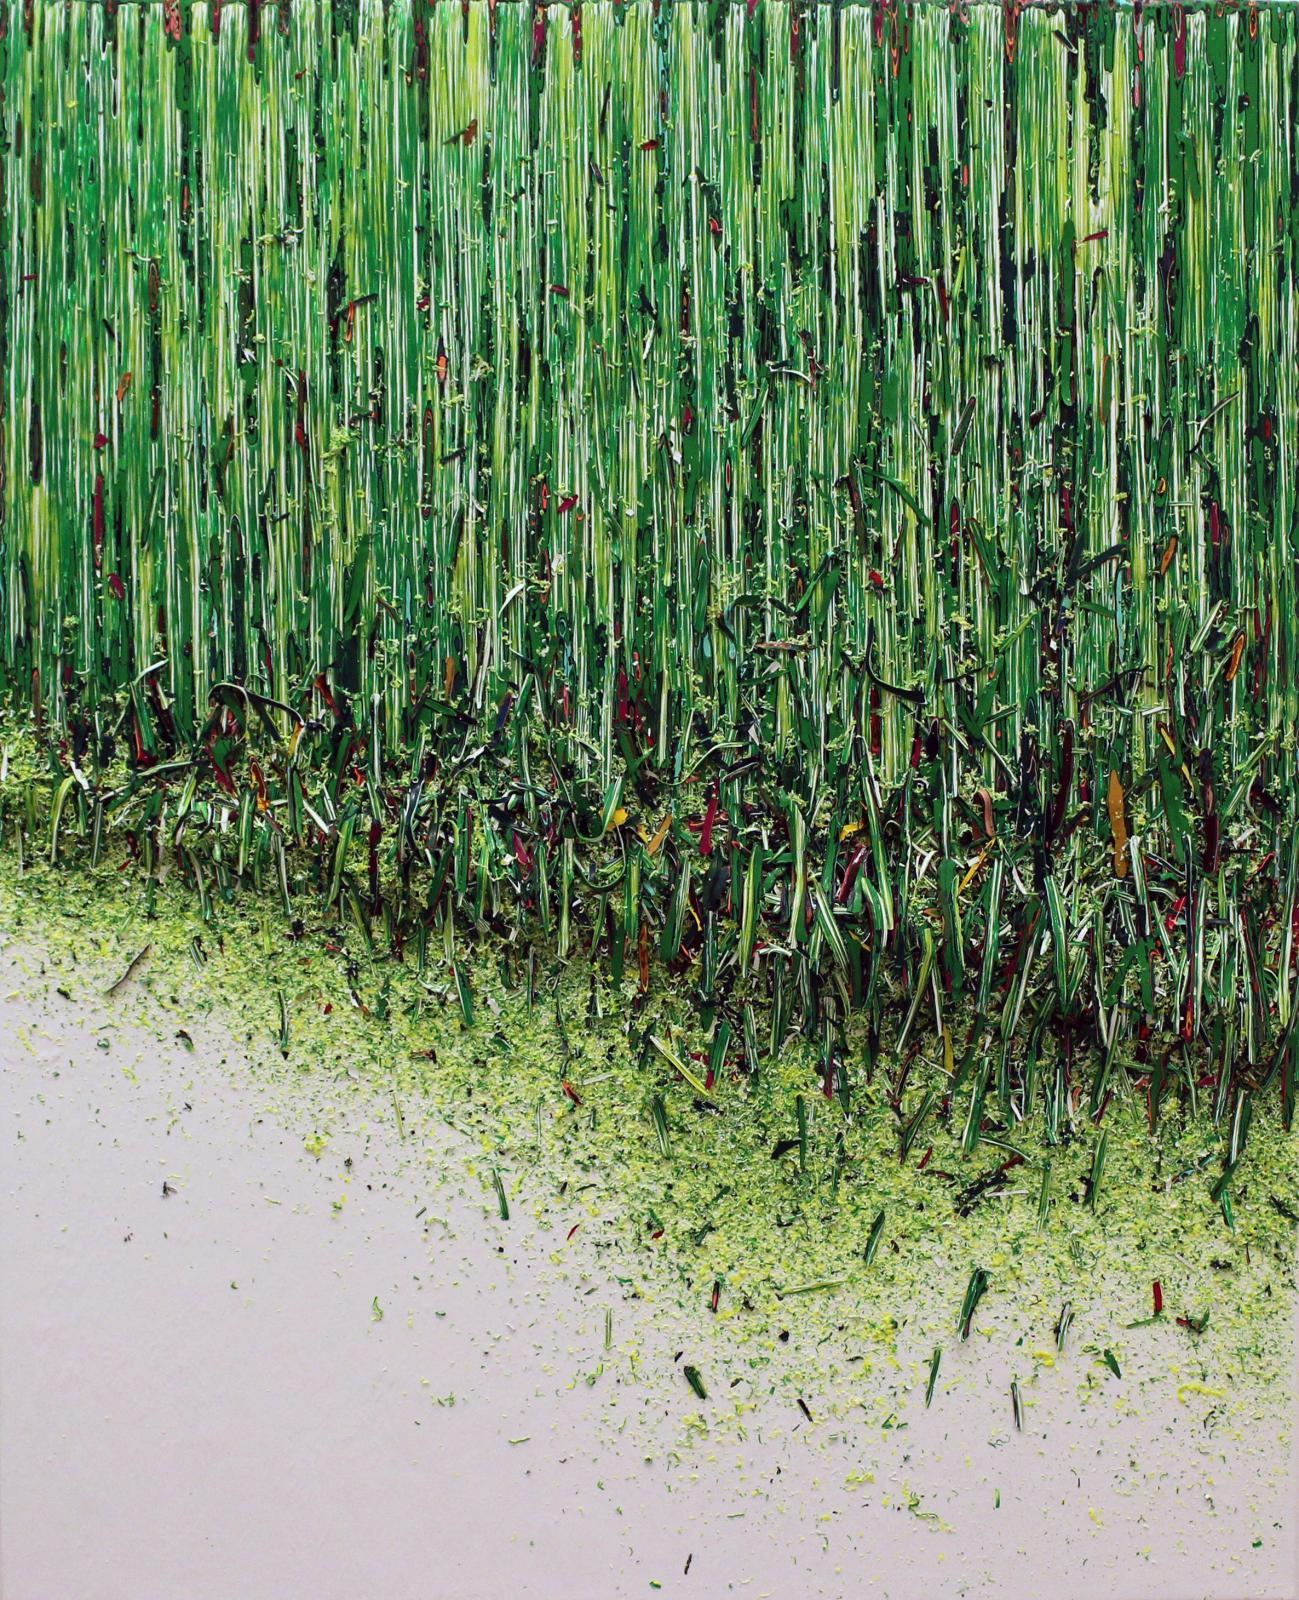 Hur Kyung-Ae, Sans titre, 2018, acrylique sur toile, 100x81cm.